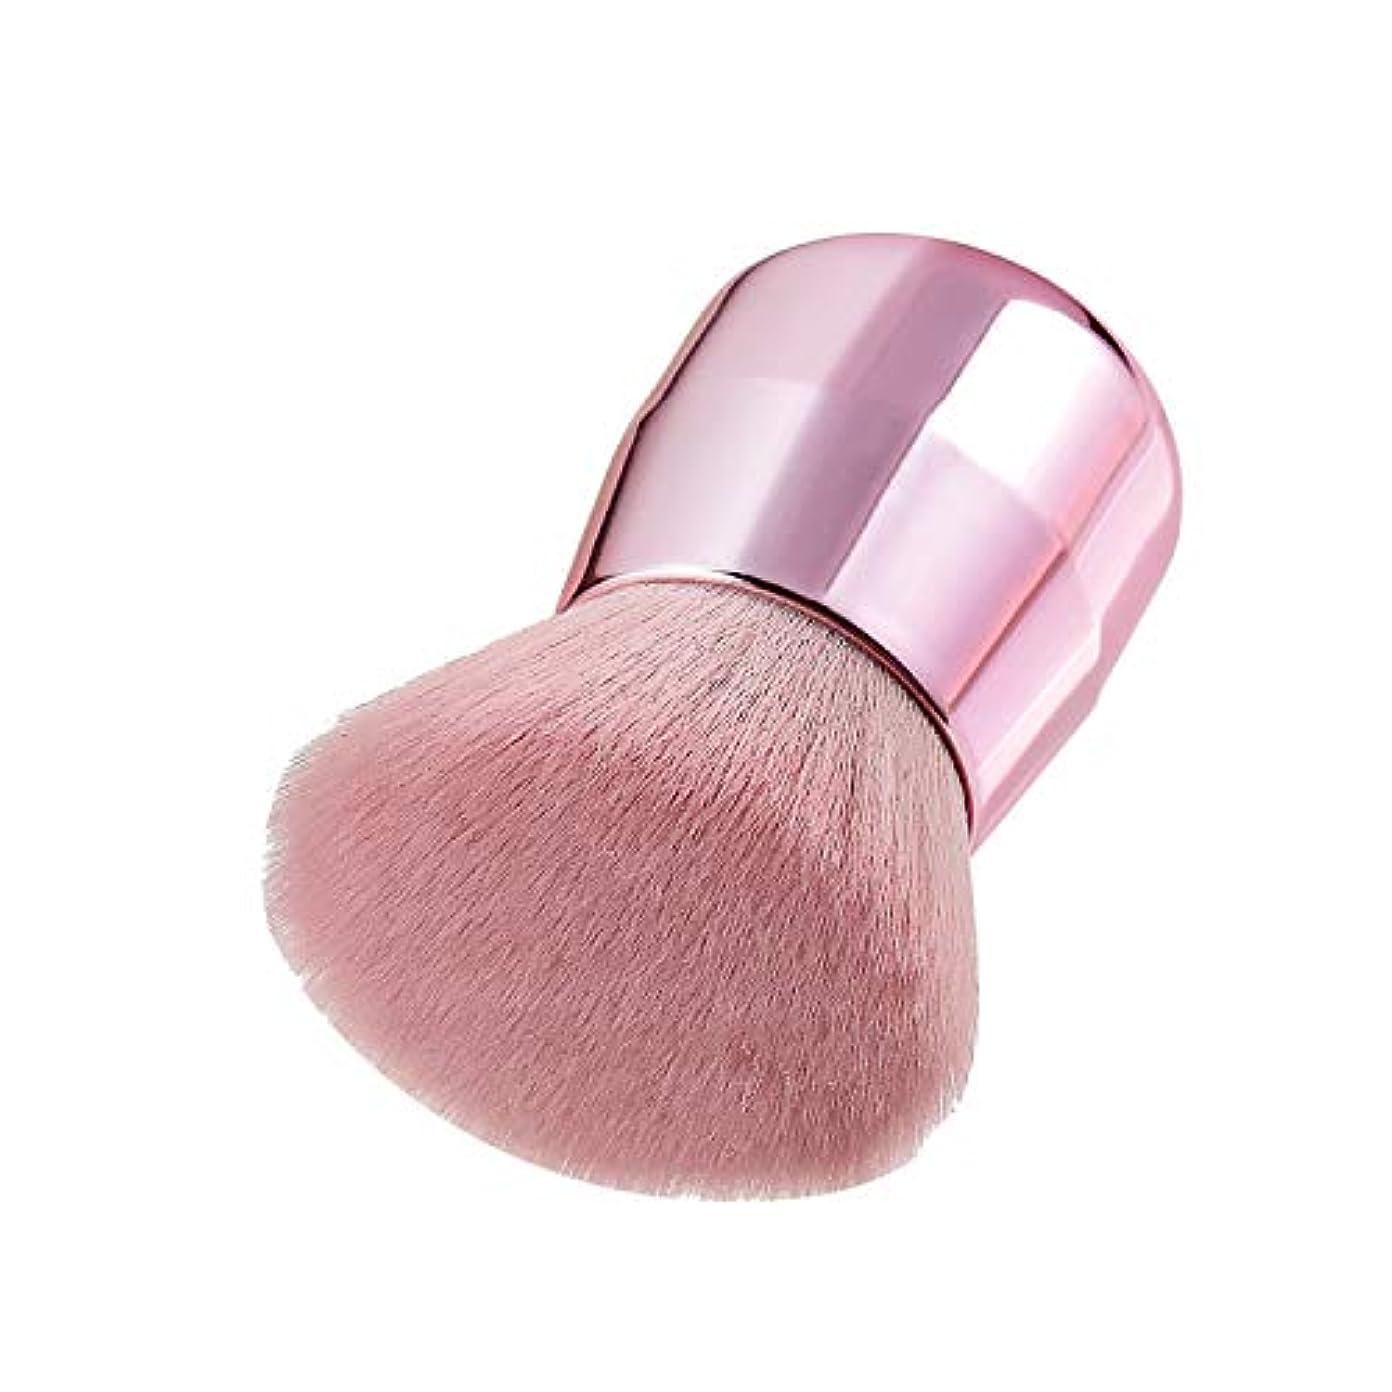 作るそばにこねるMakeup brushes ピンクのティルティングパウダーブラシポータブル著名な化粧ブラシハニーパウダーブラシブラッシュブラシ suits (Color : Rose Gold)